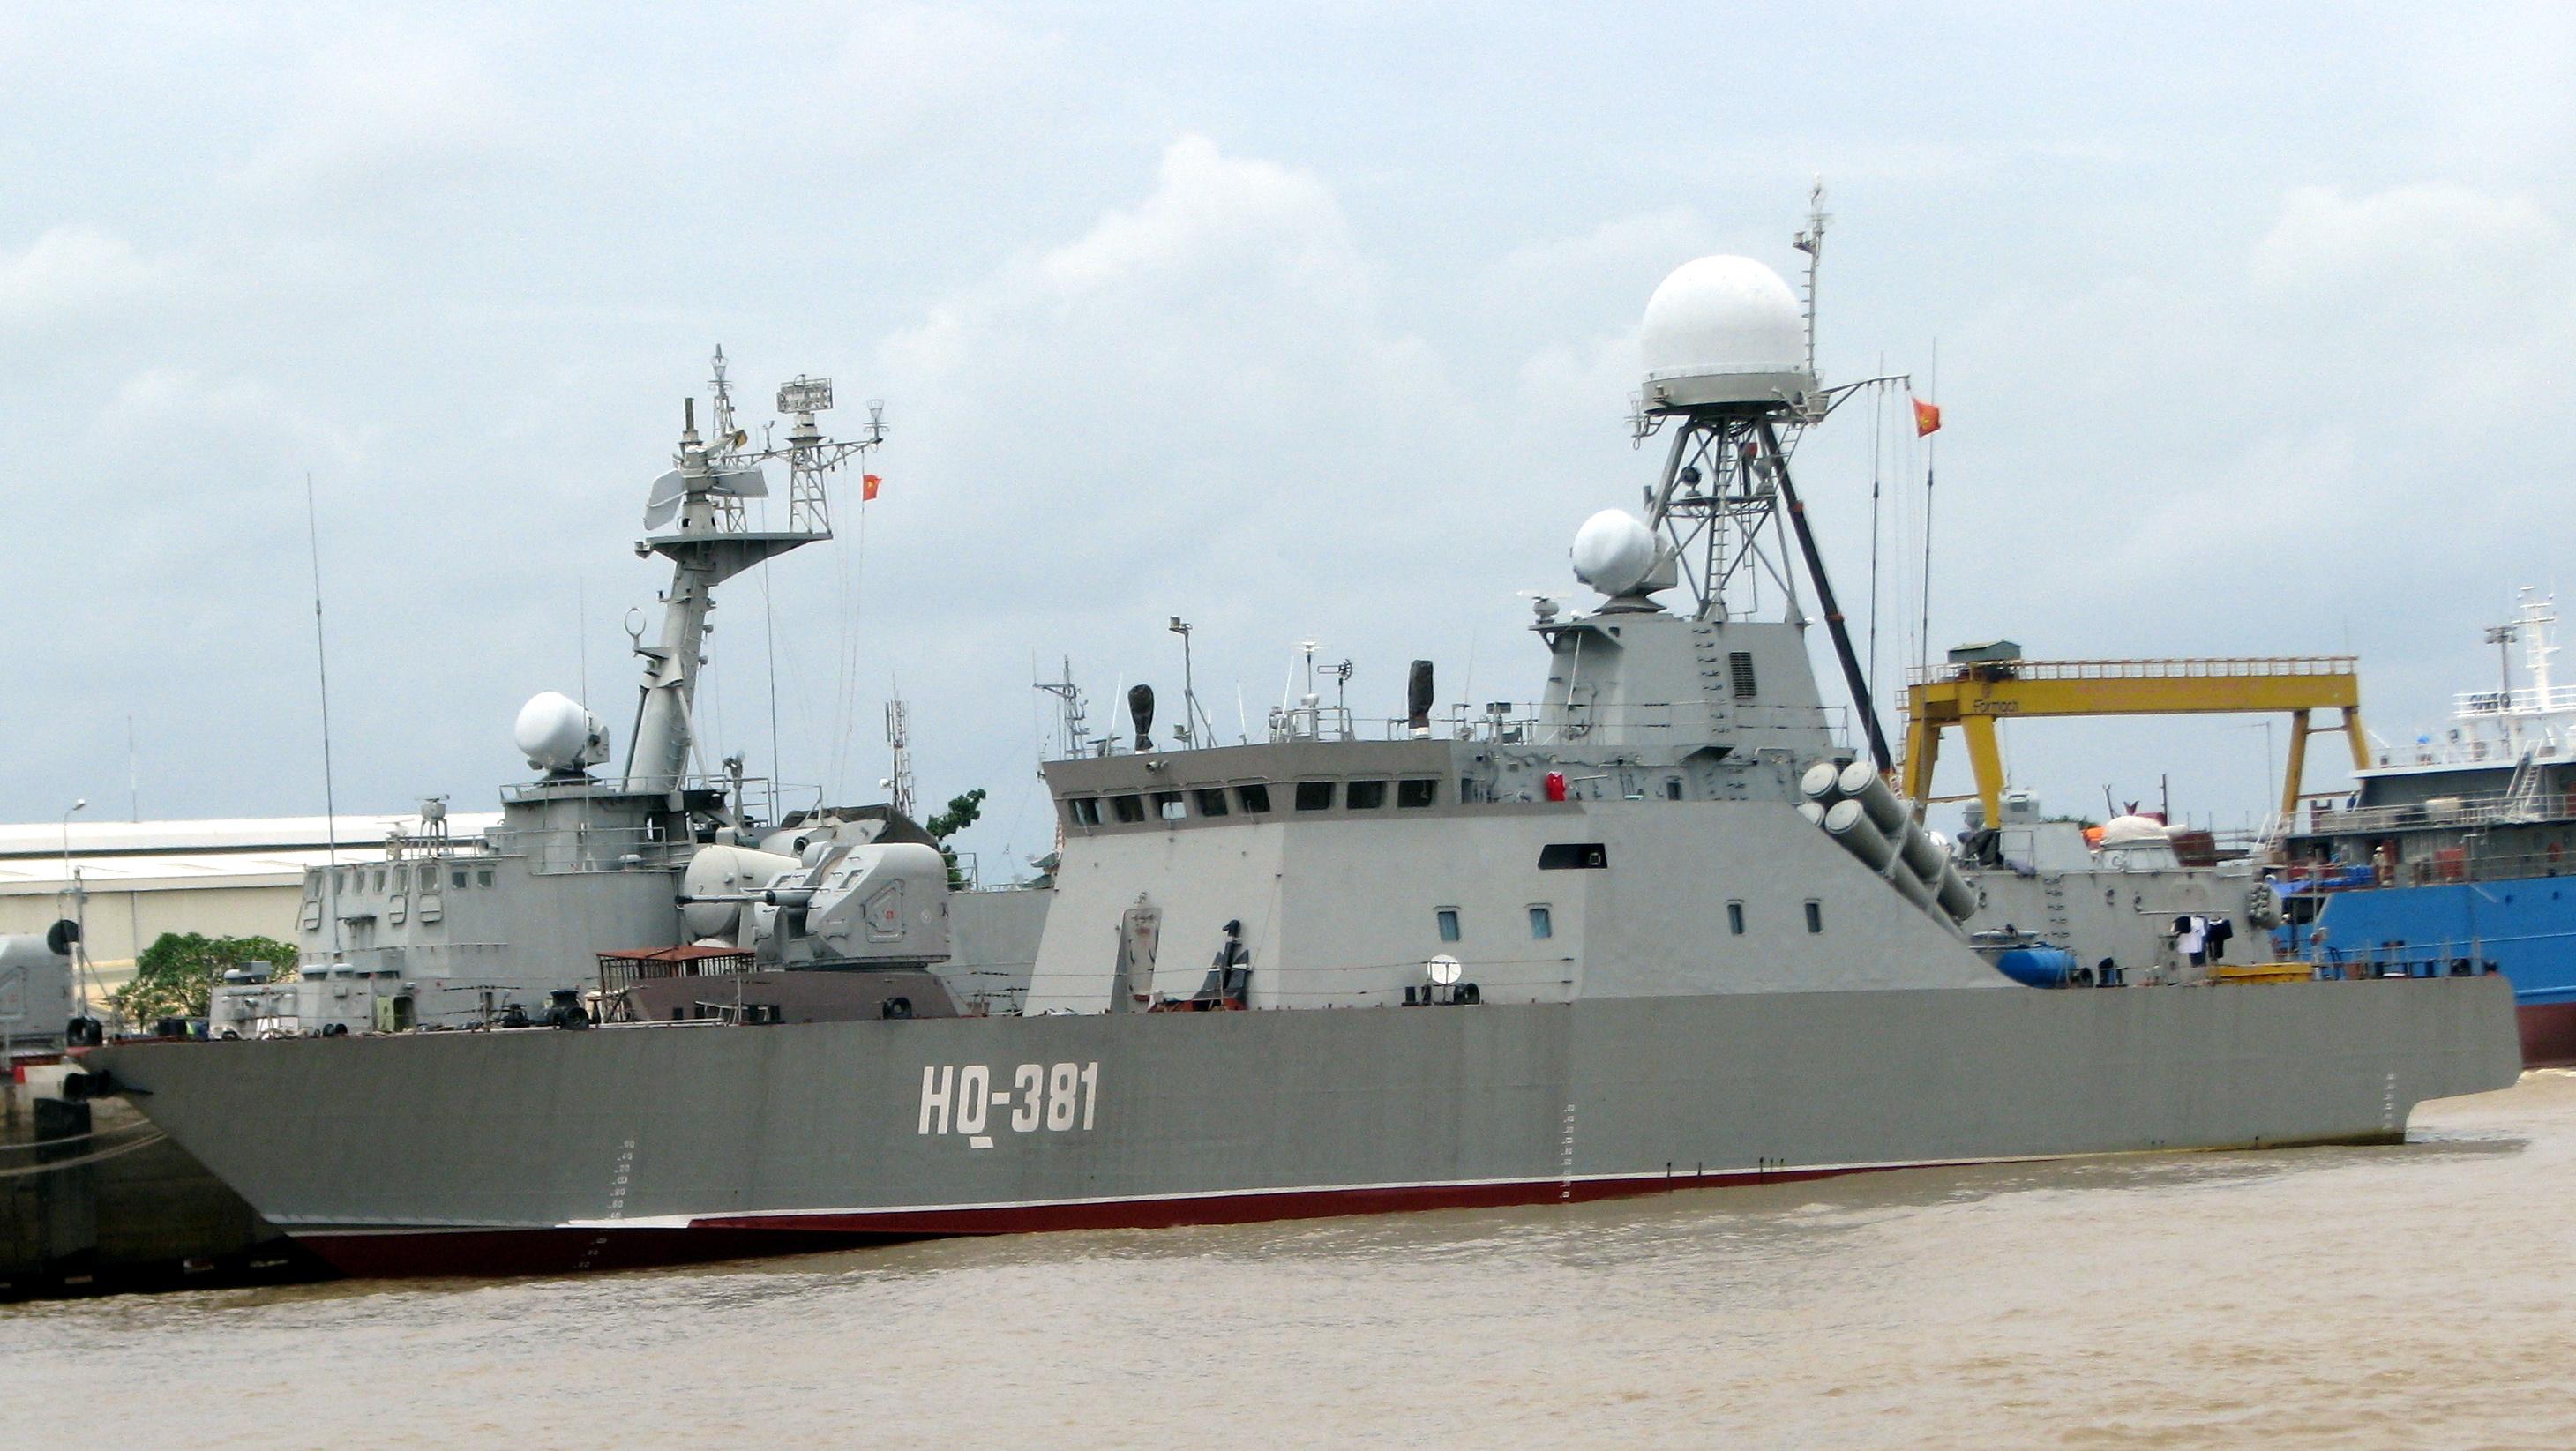 Tàu HQ-381 của Hải quân nhân dân Việt Nam